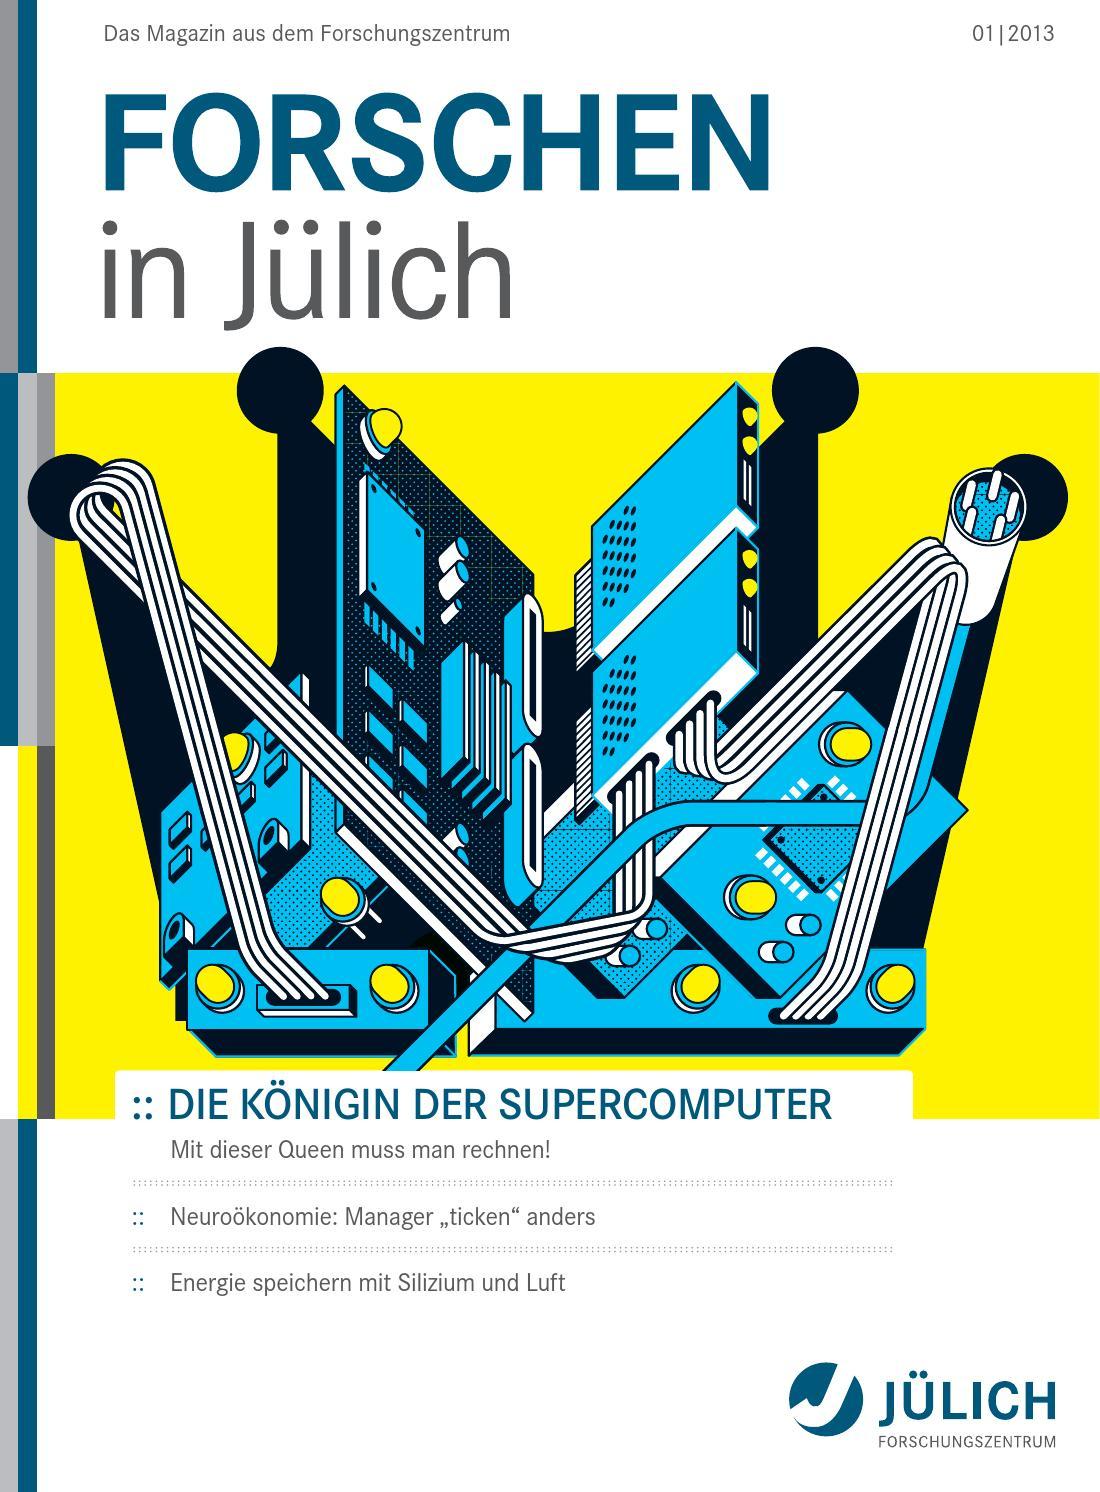 Forschen In Jülich Die Königin Der Supercomputer 12013 By